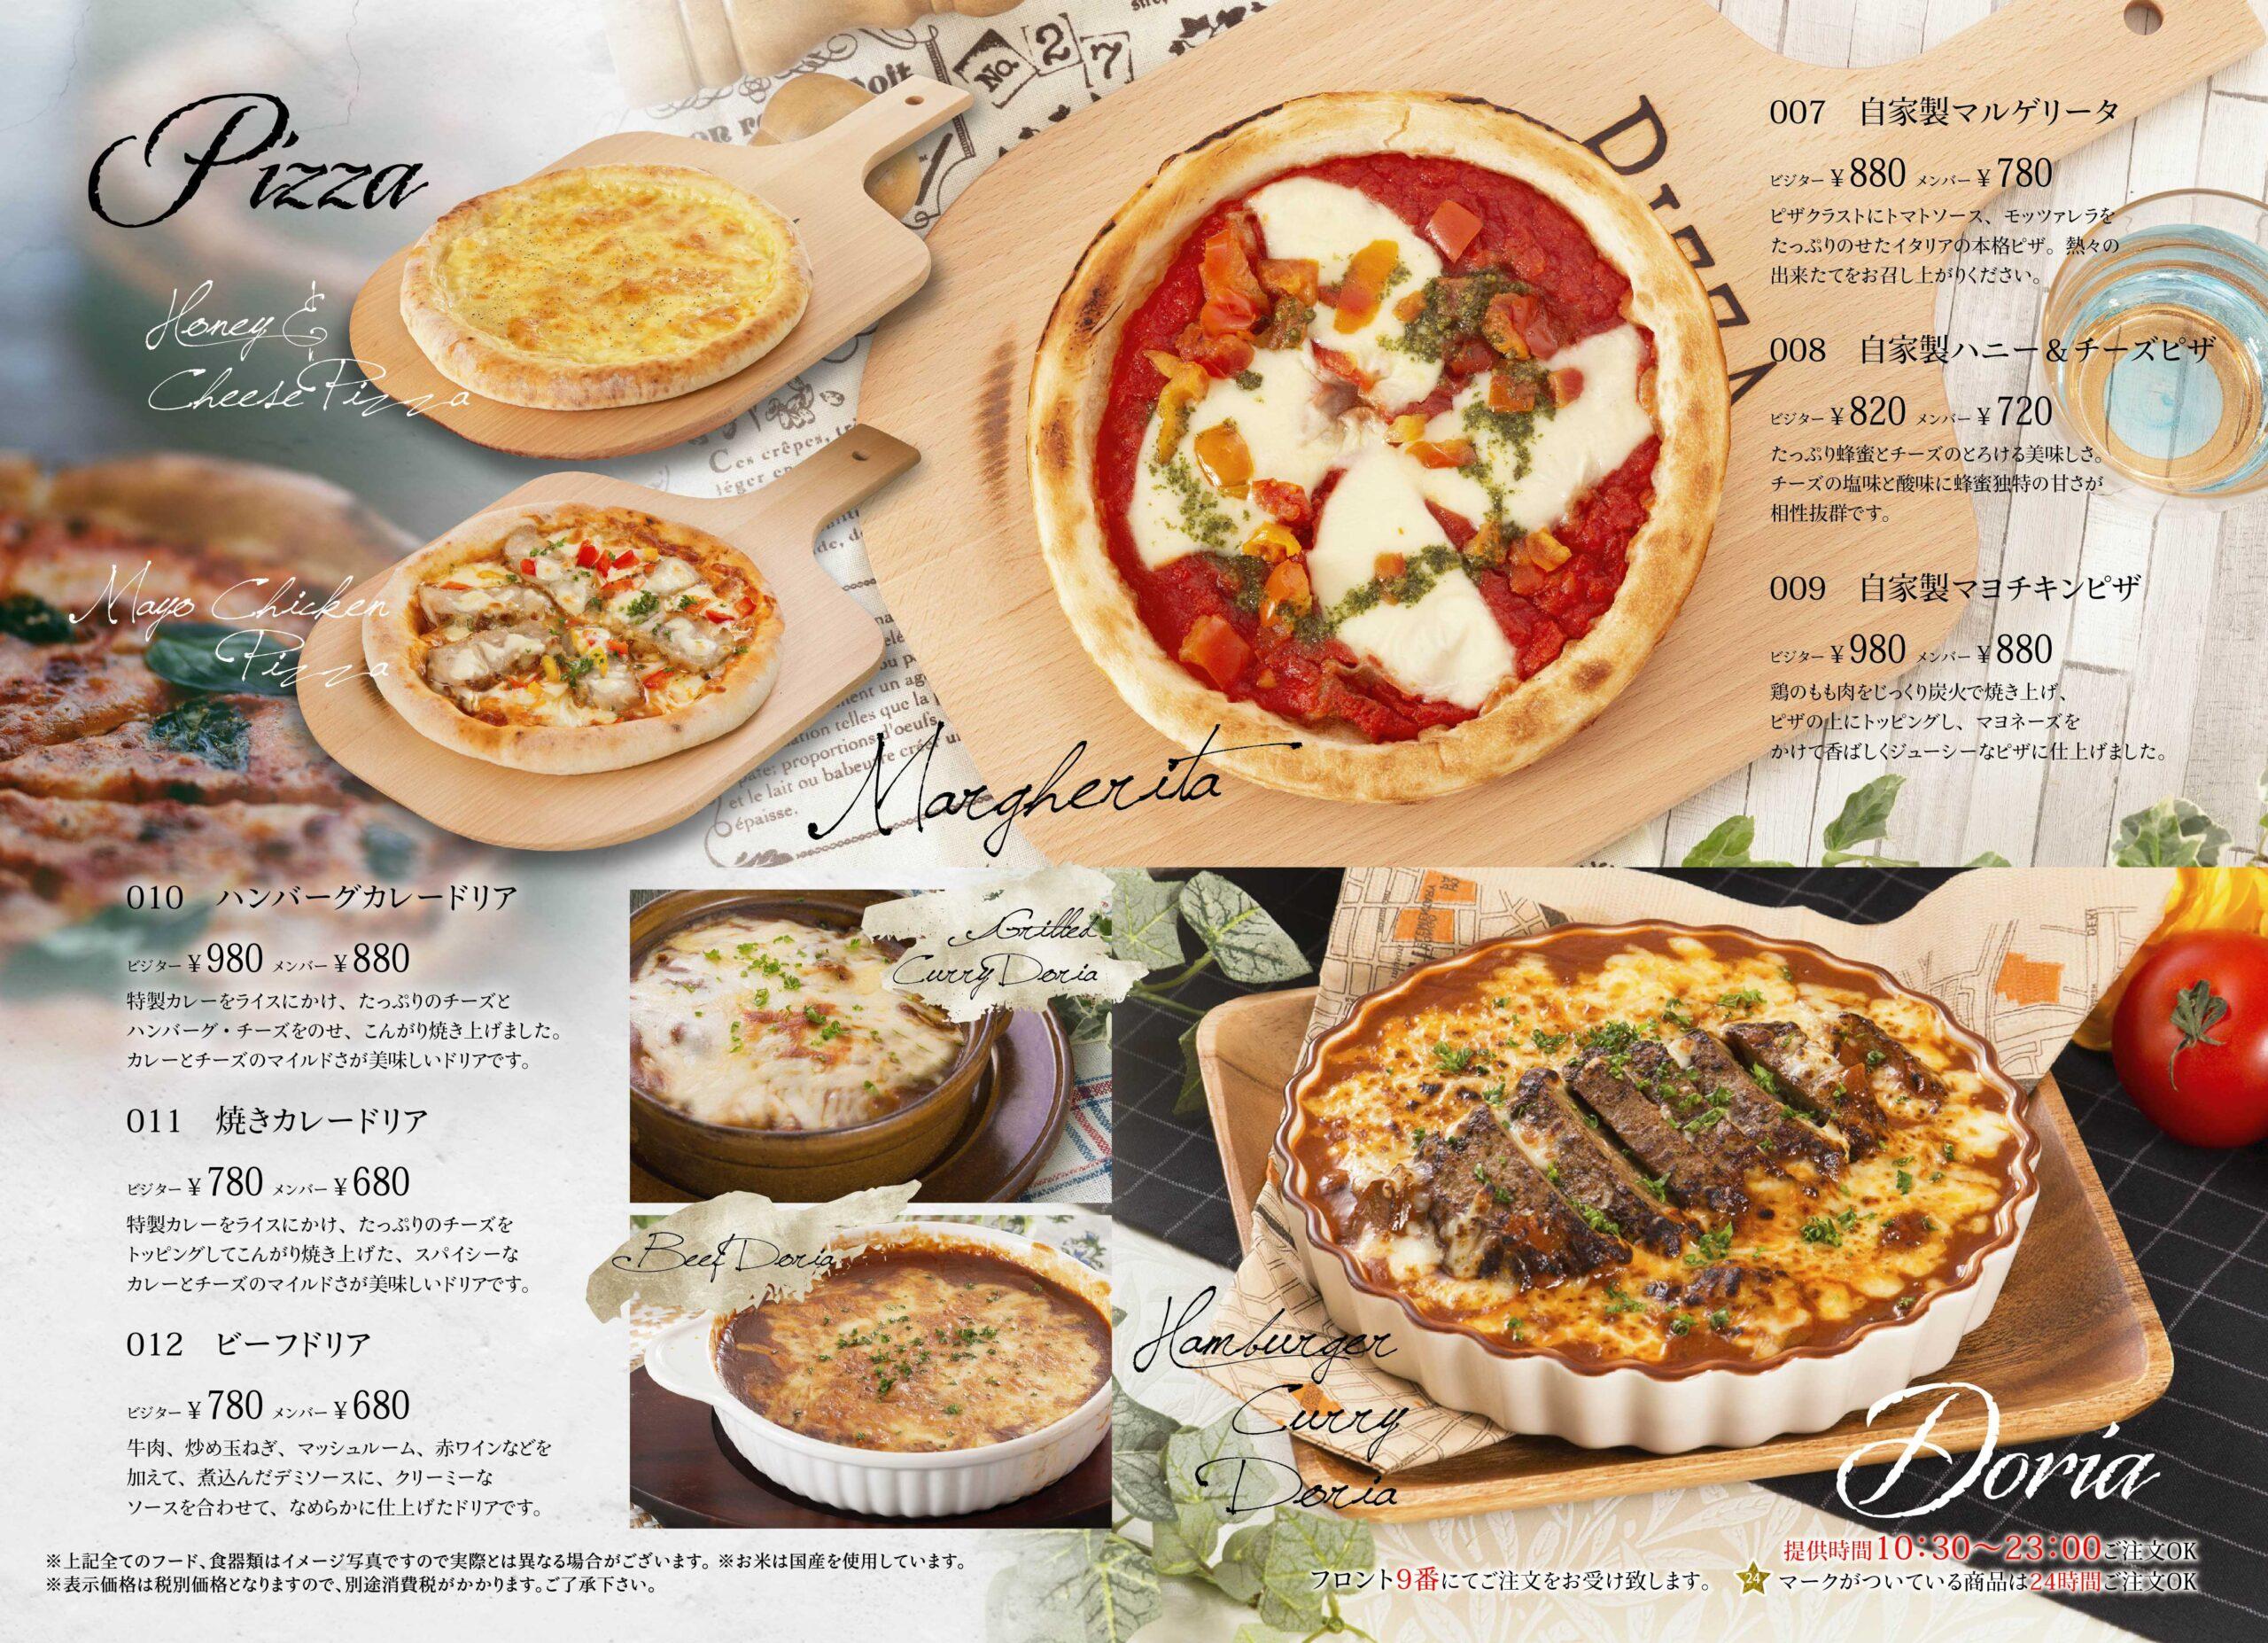 FUTARINO HOTEL(ふたりのホテル) フード・ドリンクメニュー「ピザ・ドリア」